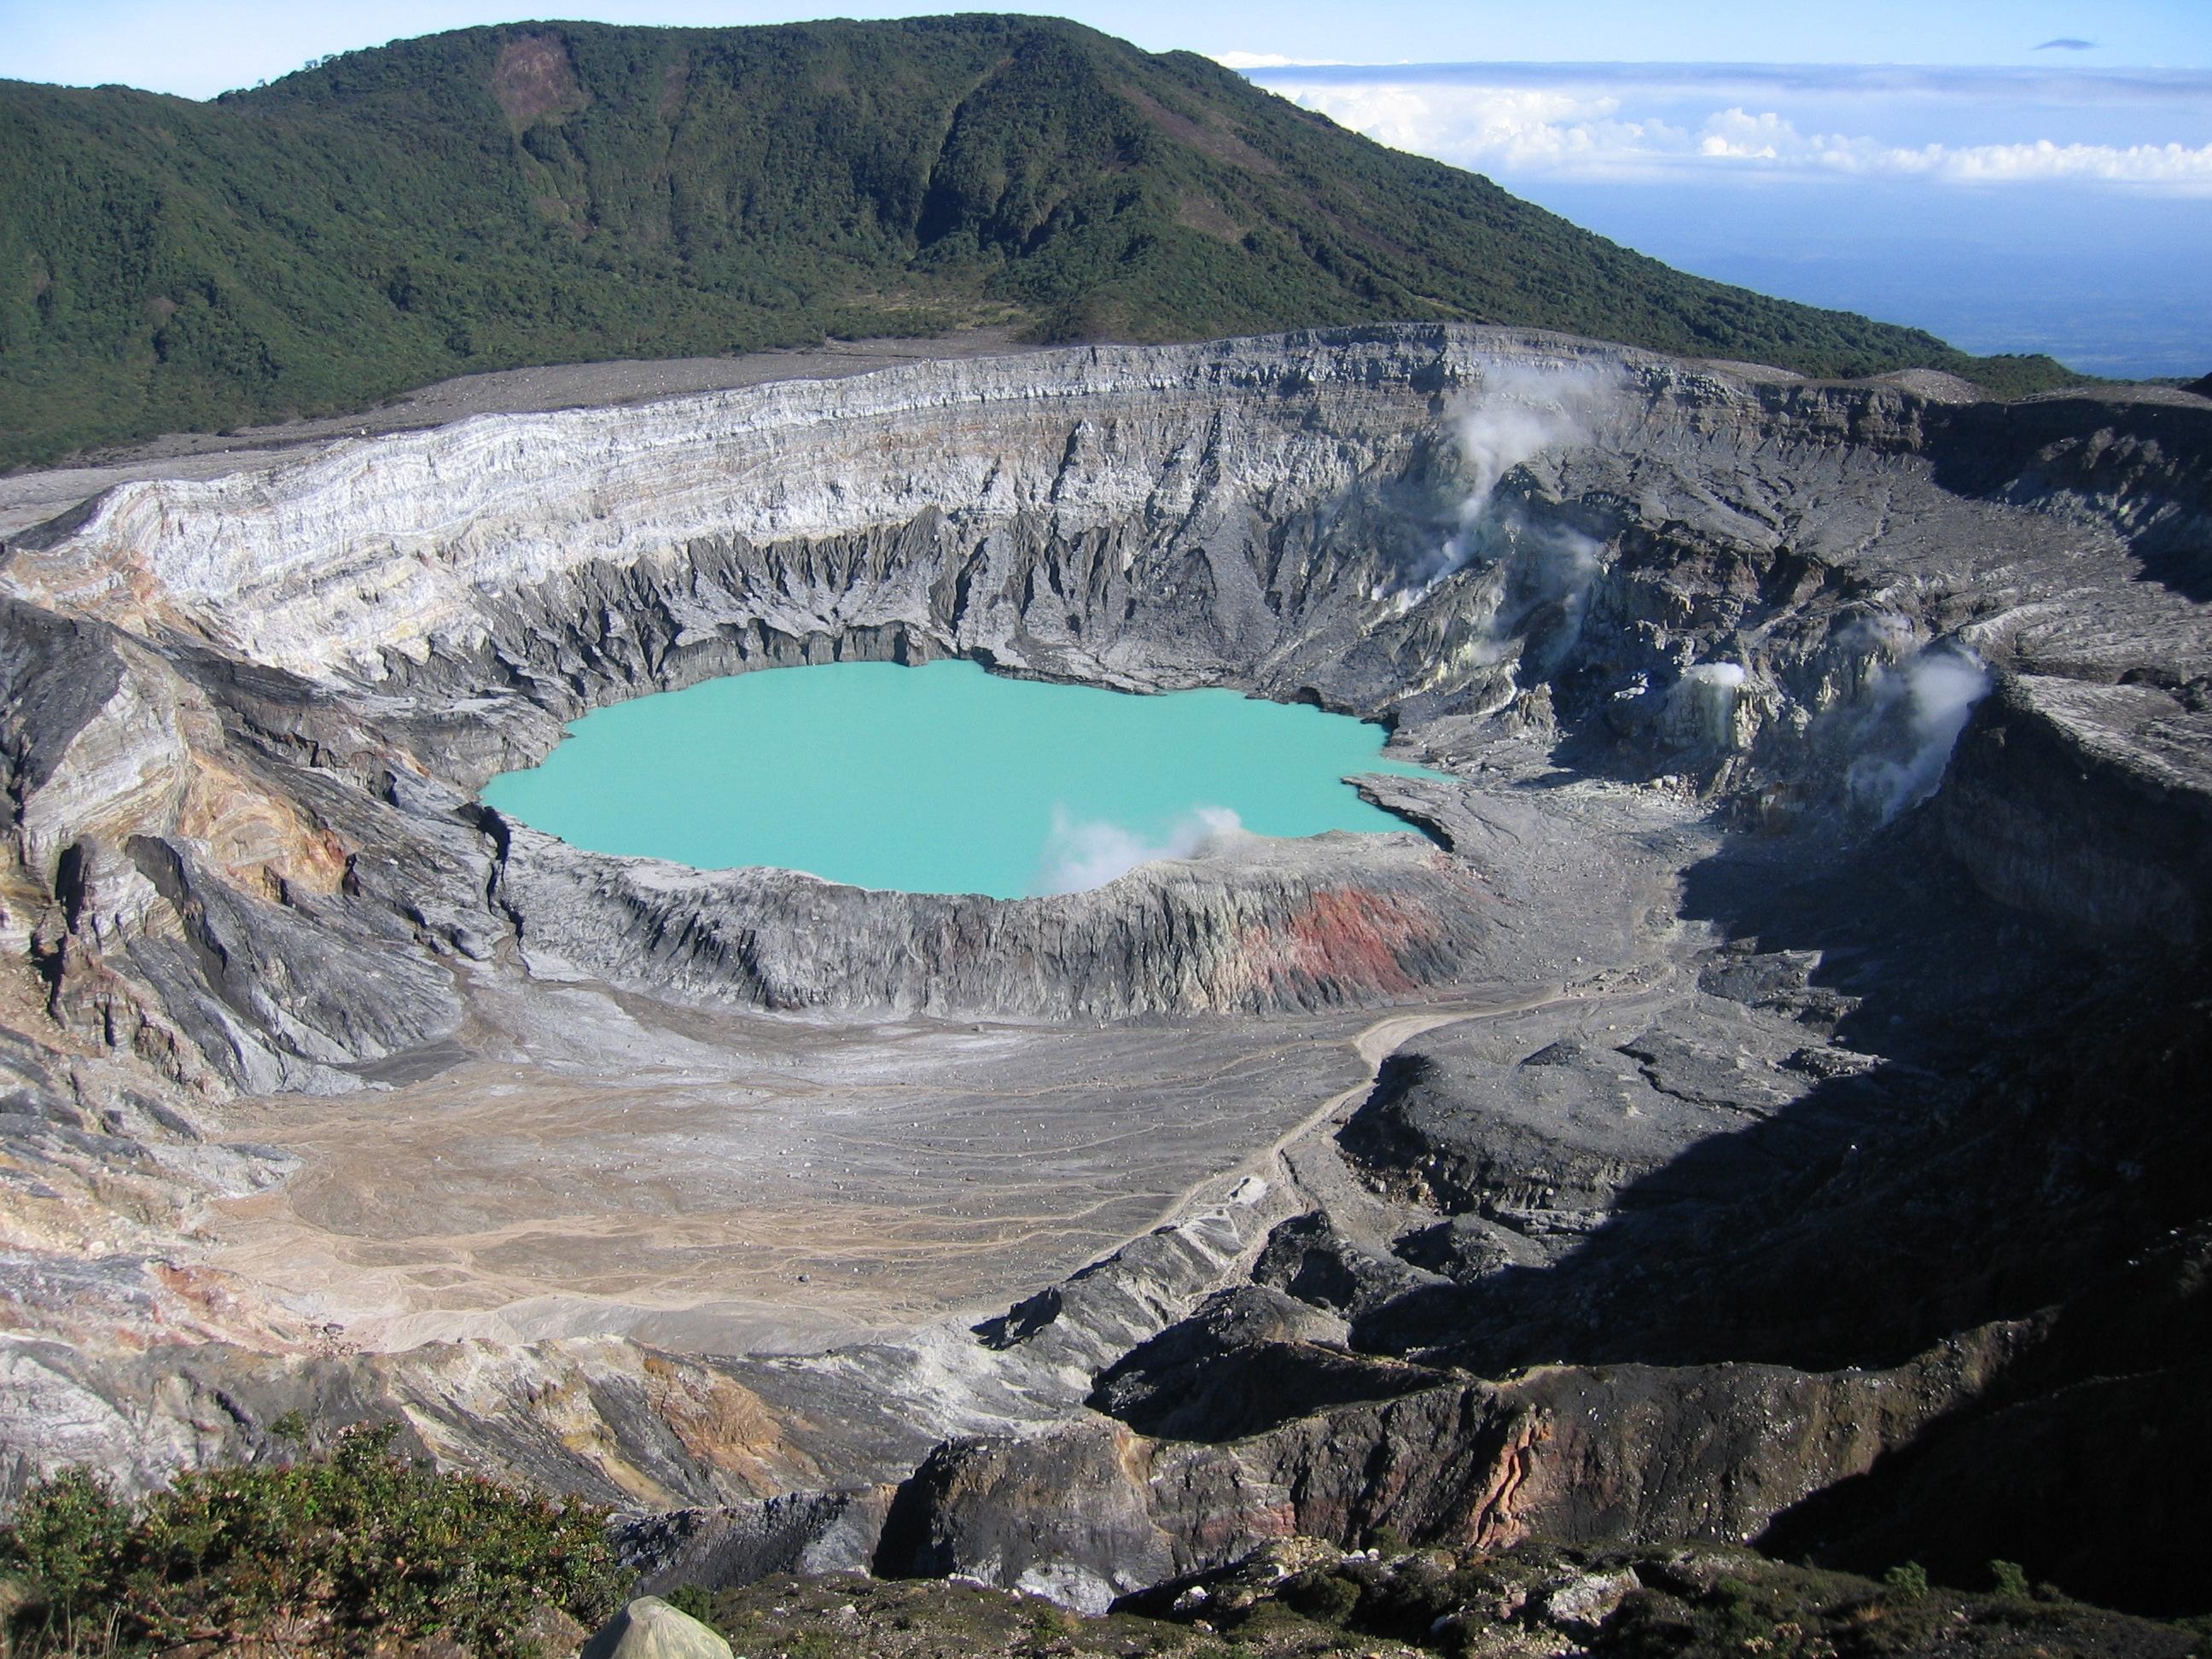 Cratère Poas costa rica voyage